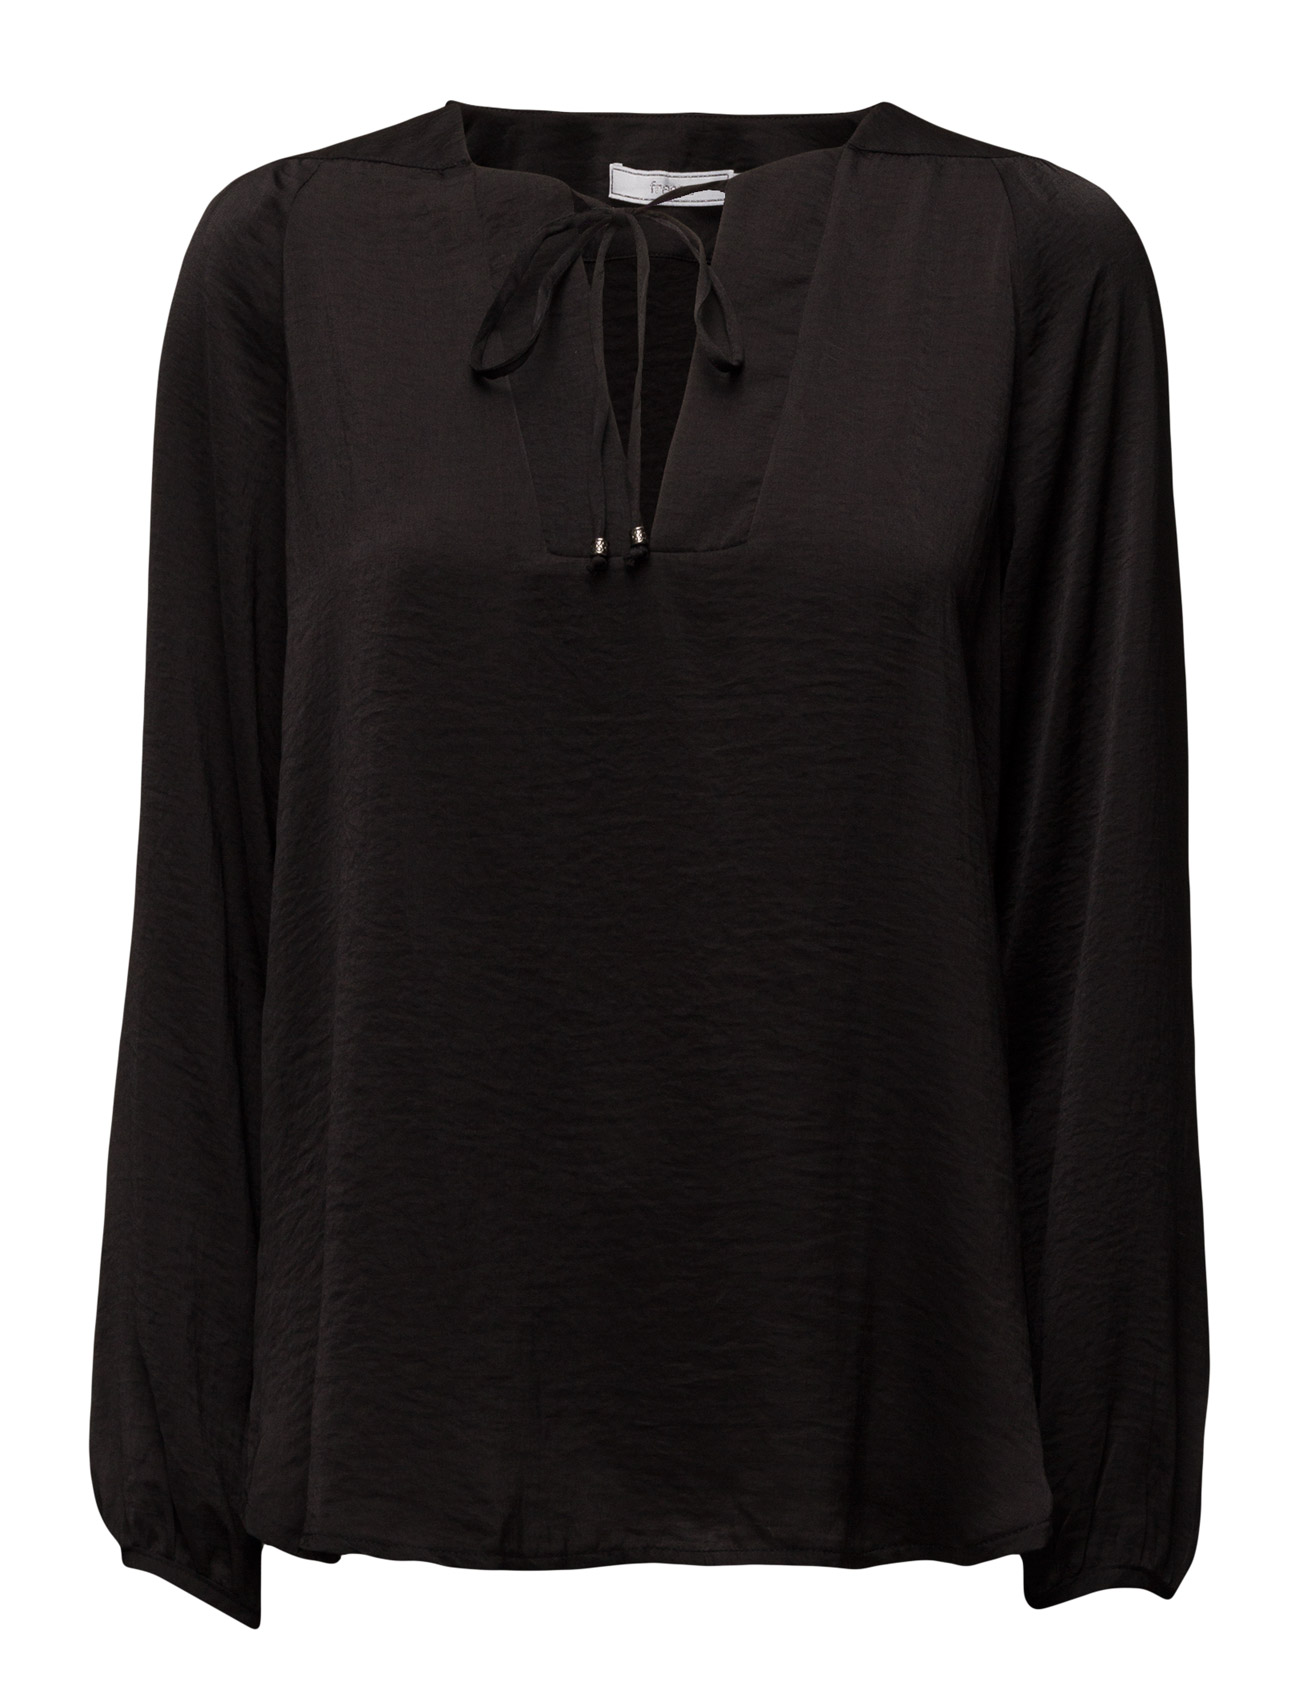 Dalou 2 Shirt Fransa Bluser til Kvinder i Sort